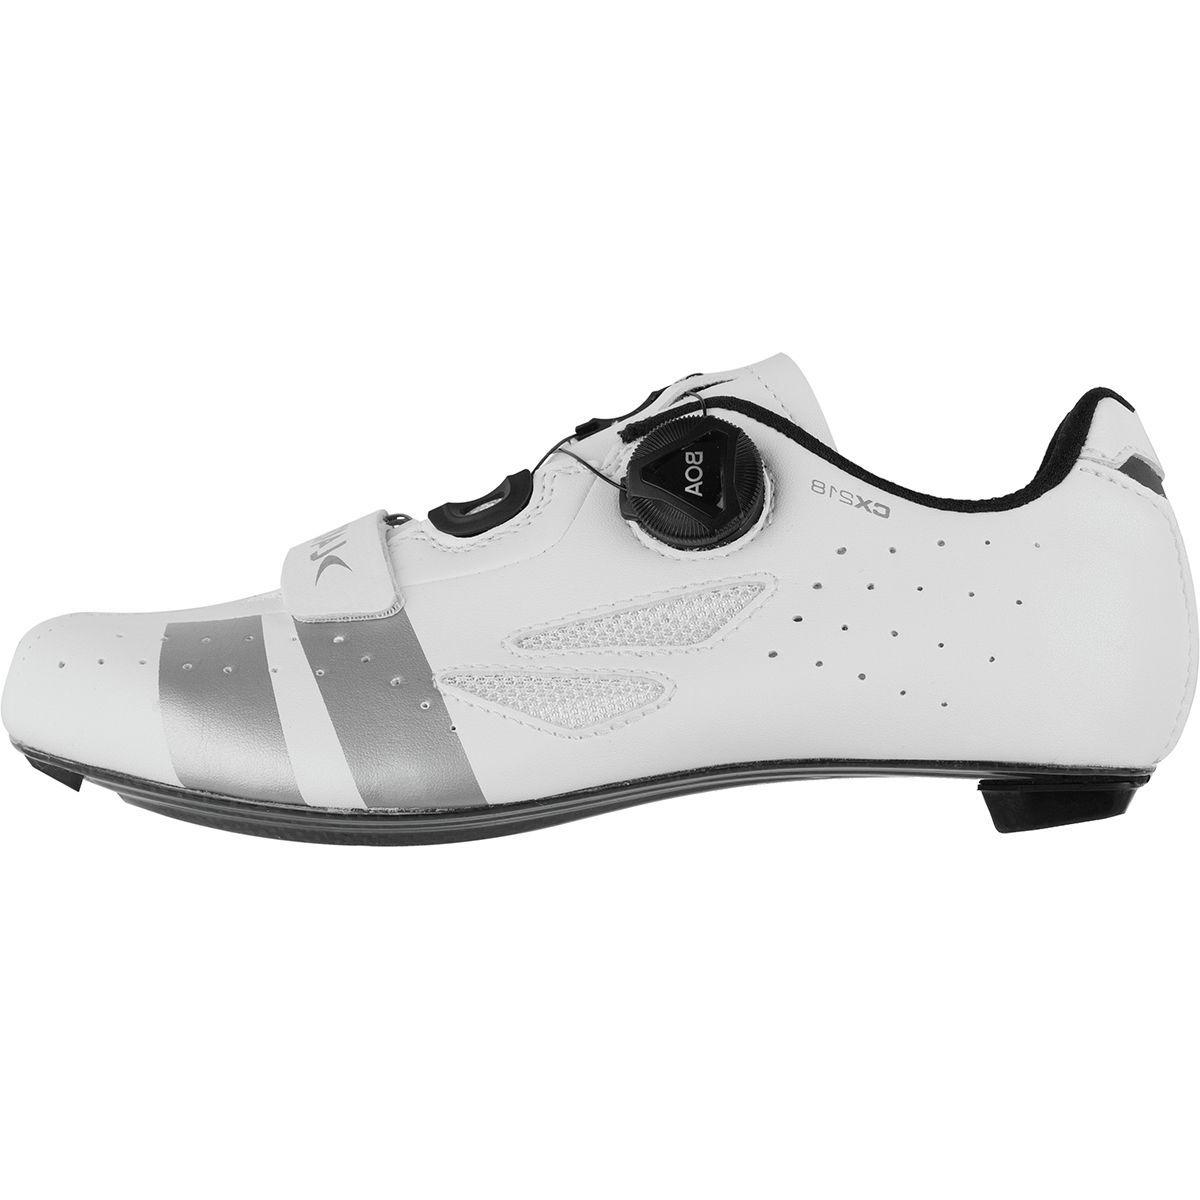 Lake CX218 Cycling Shoe - Men's